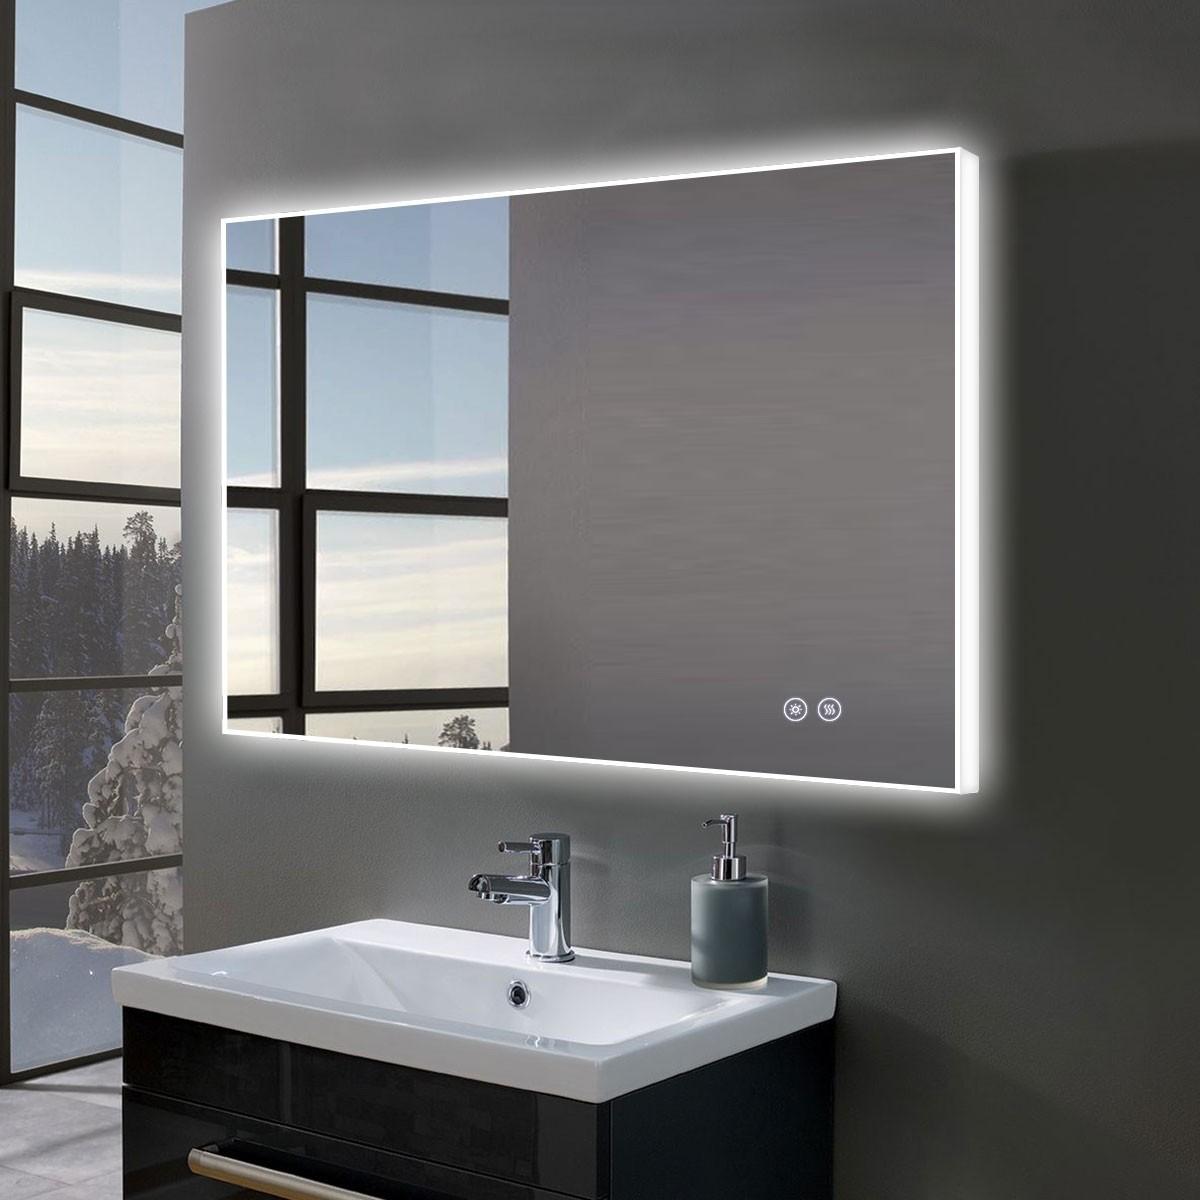 DECORAPORT 36 x 28 Po Miroir de Salle de Bain LED avec Bouton Tactile, Anti-Buée, Luminosité Réglable, Montage Vertical & Horizontal (D413-3628)